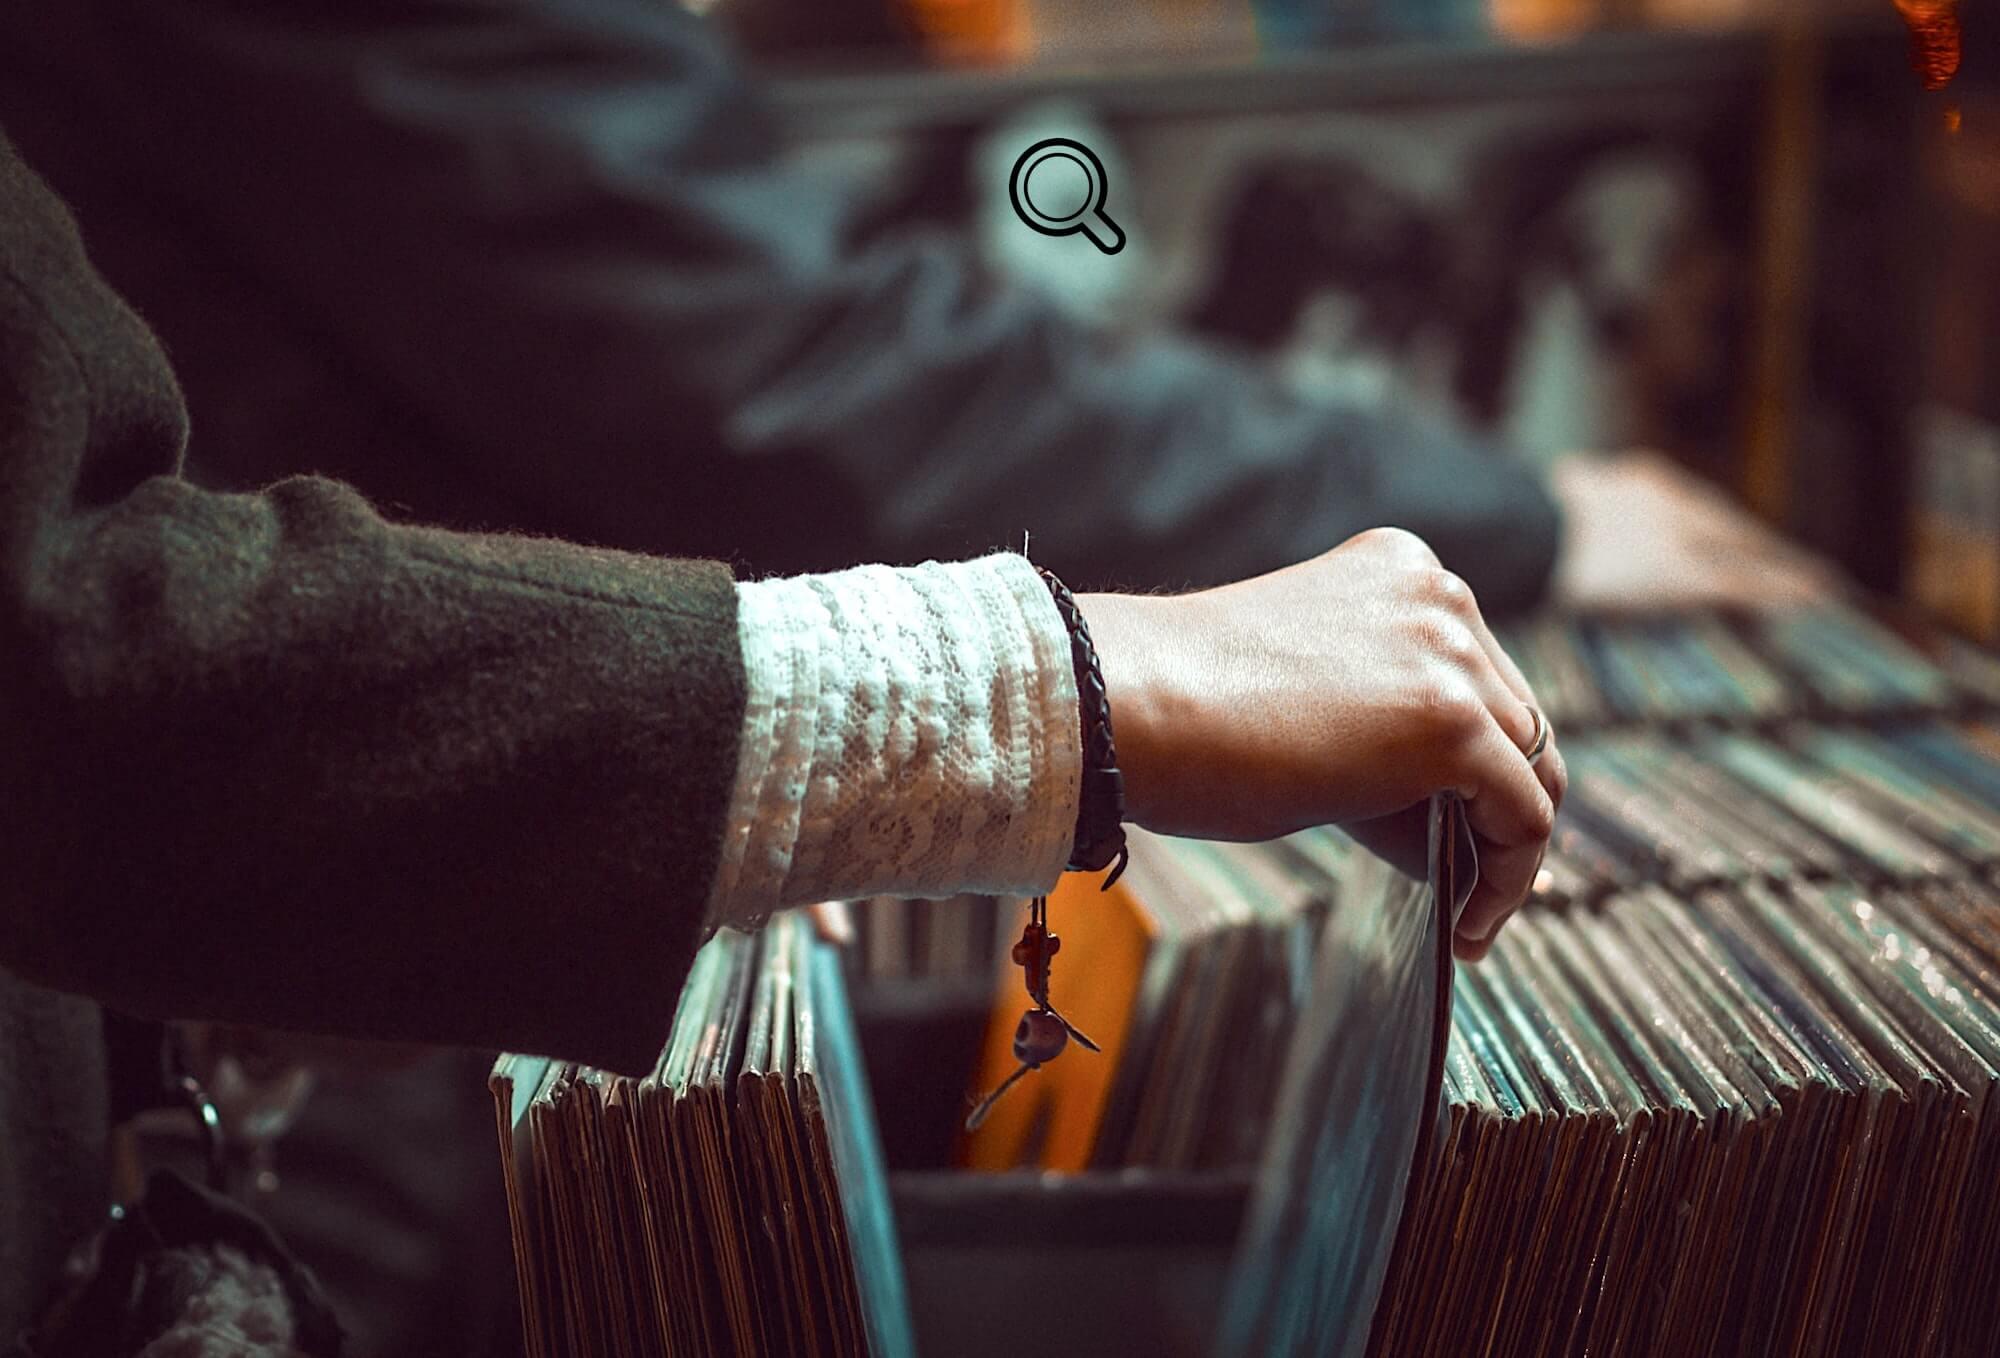 Фотография: Edu Grande. Источник: Unsplash.com